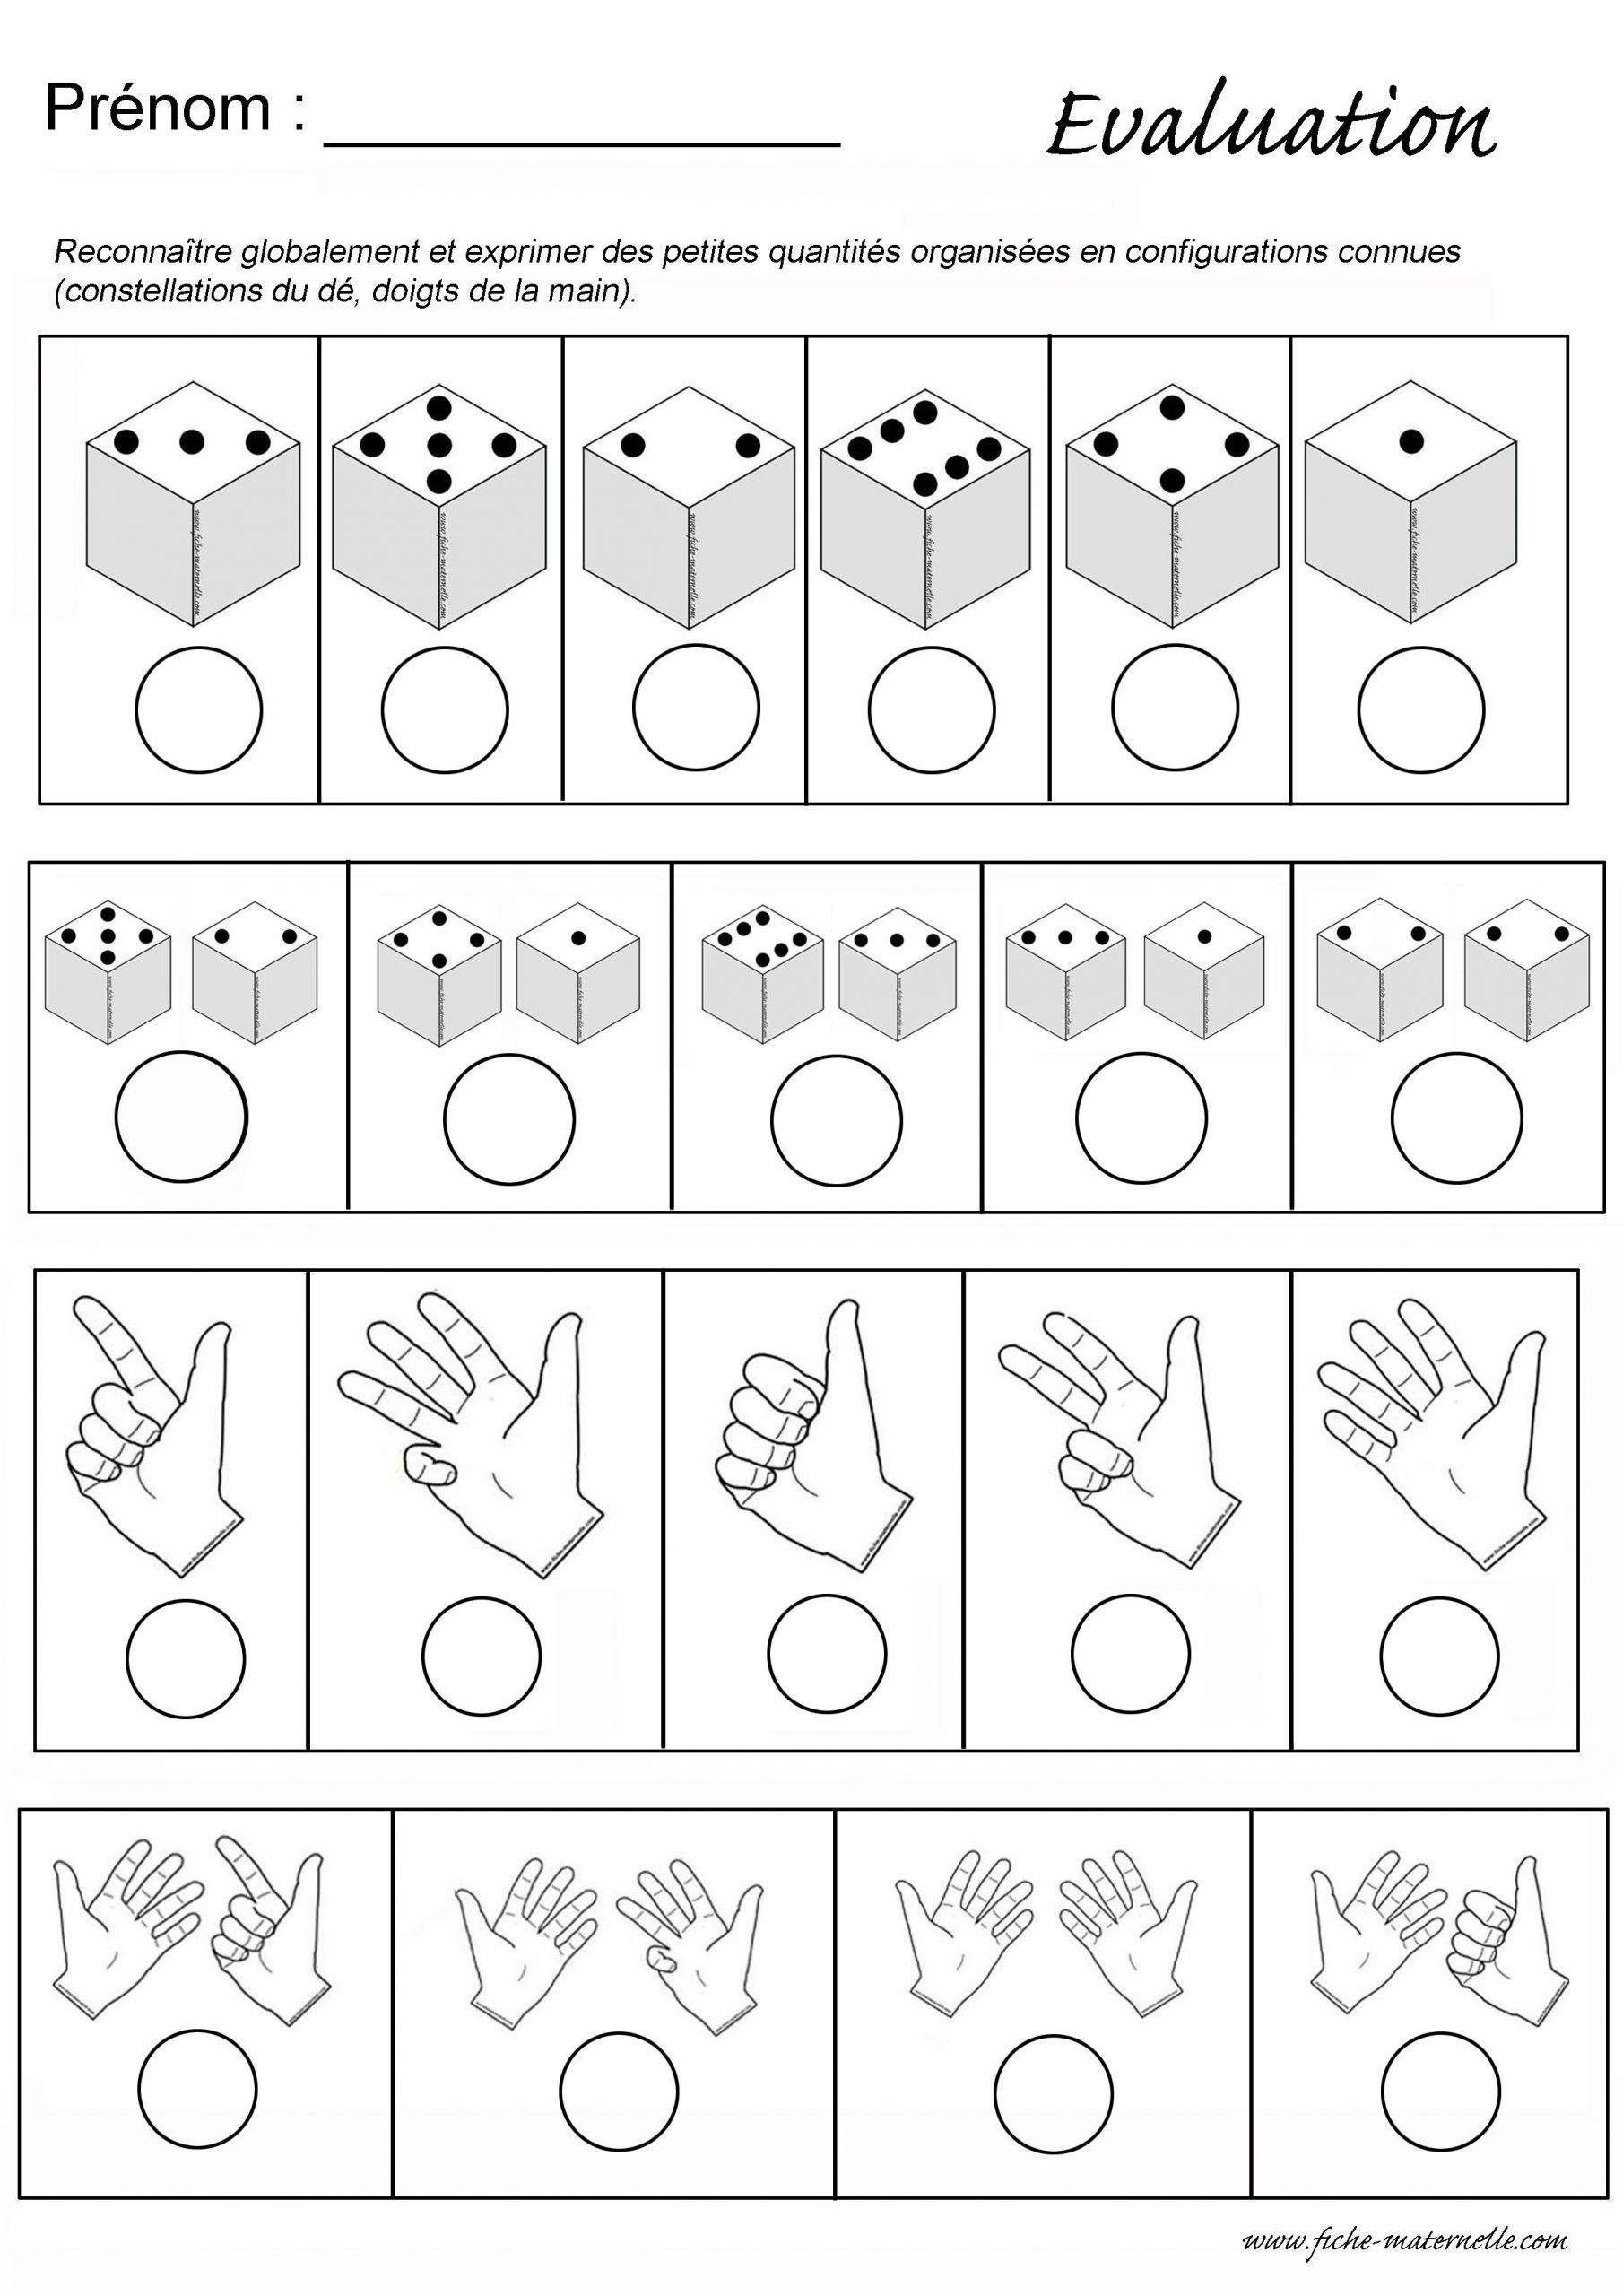 Evaluation Maths En Maternelle : Constellations Et Doigts De dedans Les Maternelles Fiches